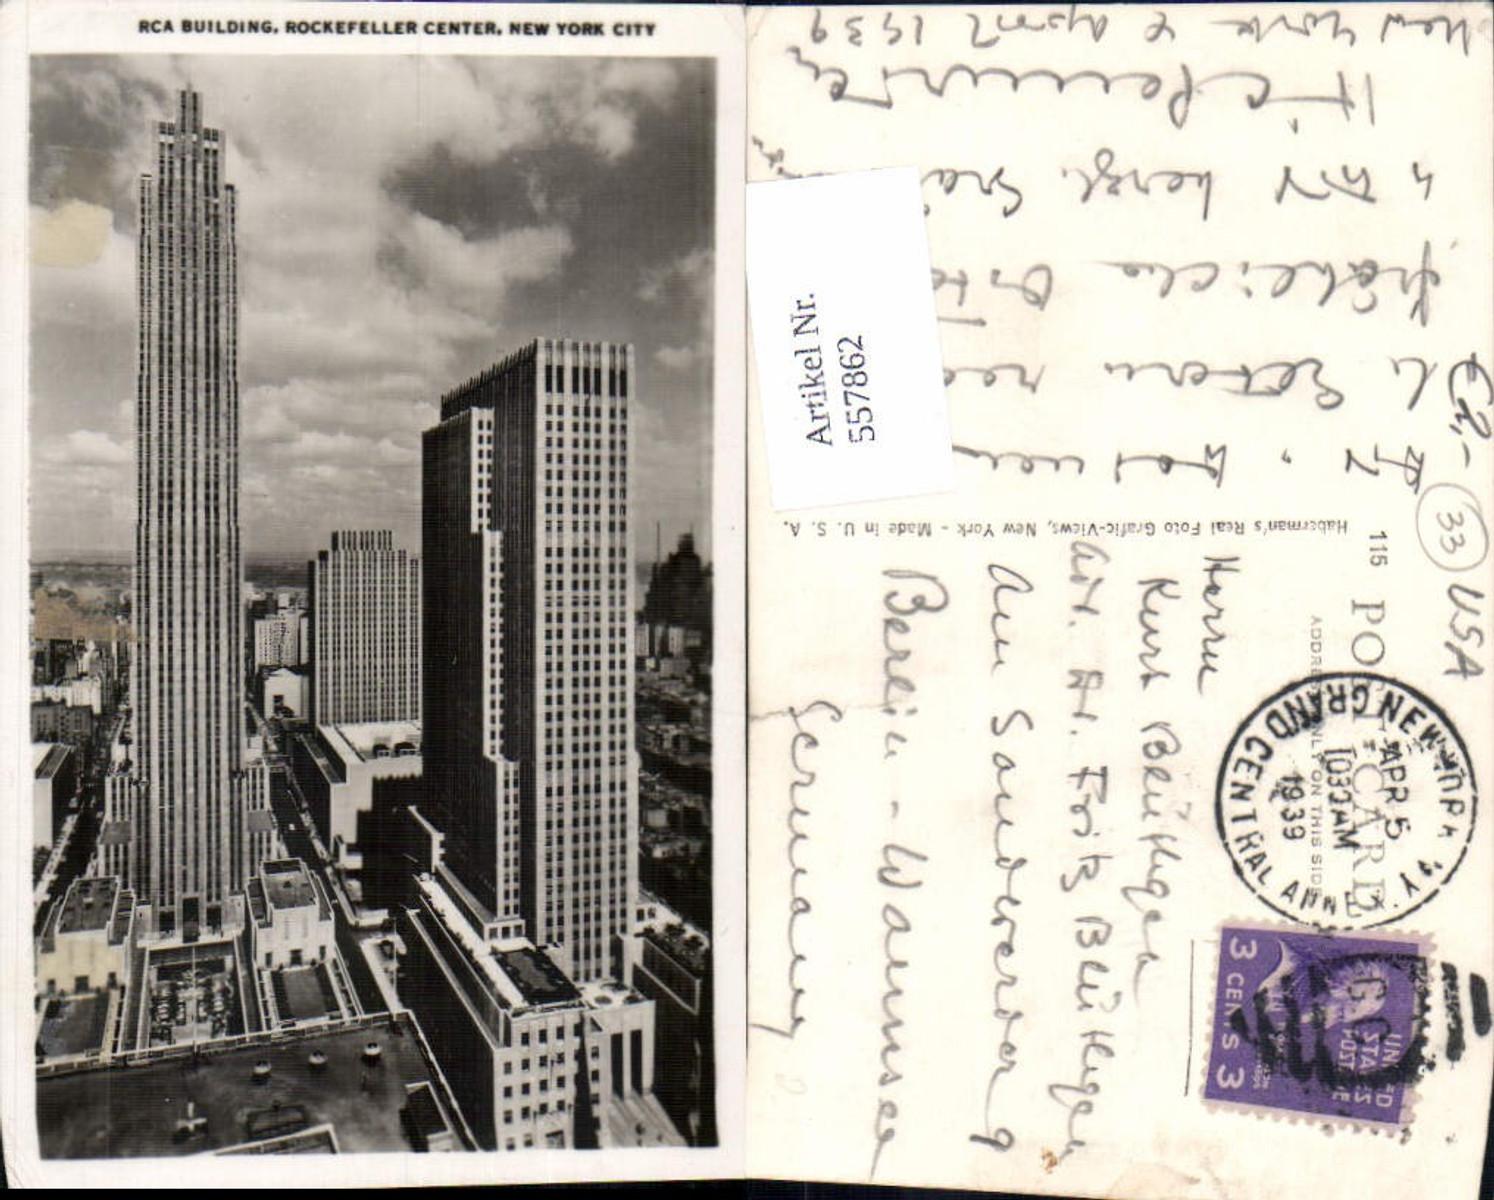 557862,New York City Rockefeller Center RCA Building günstig online kaufen